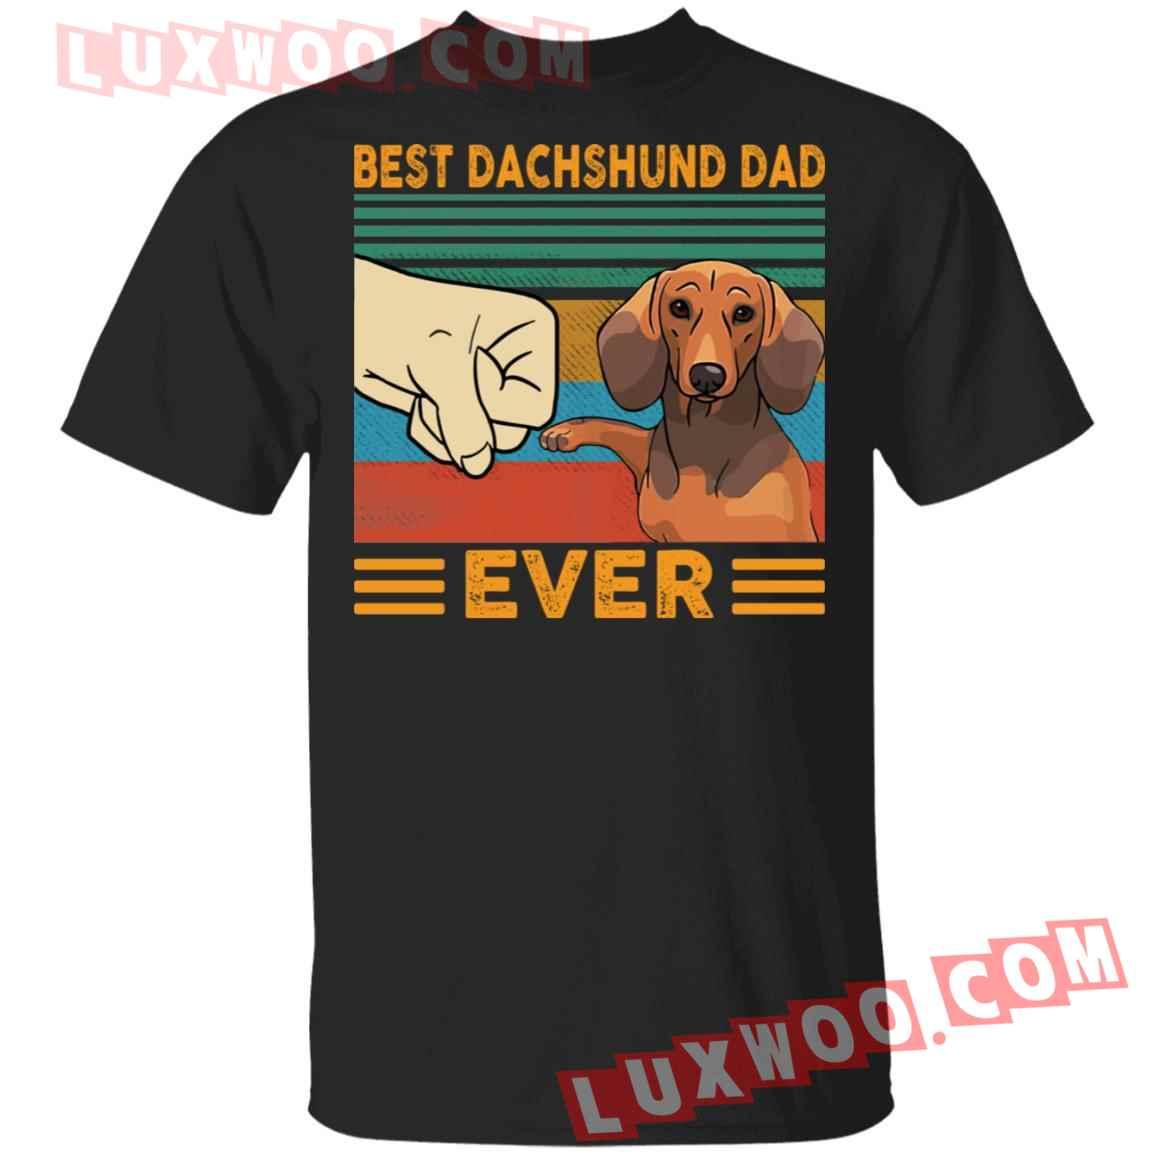 Best Dachshund Dad Ever Shirt